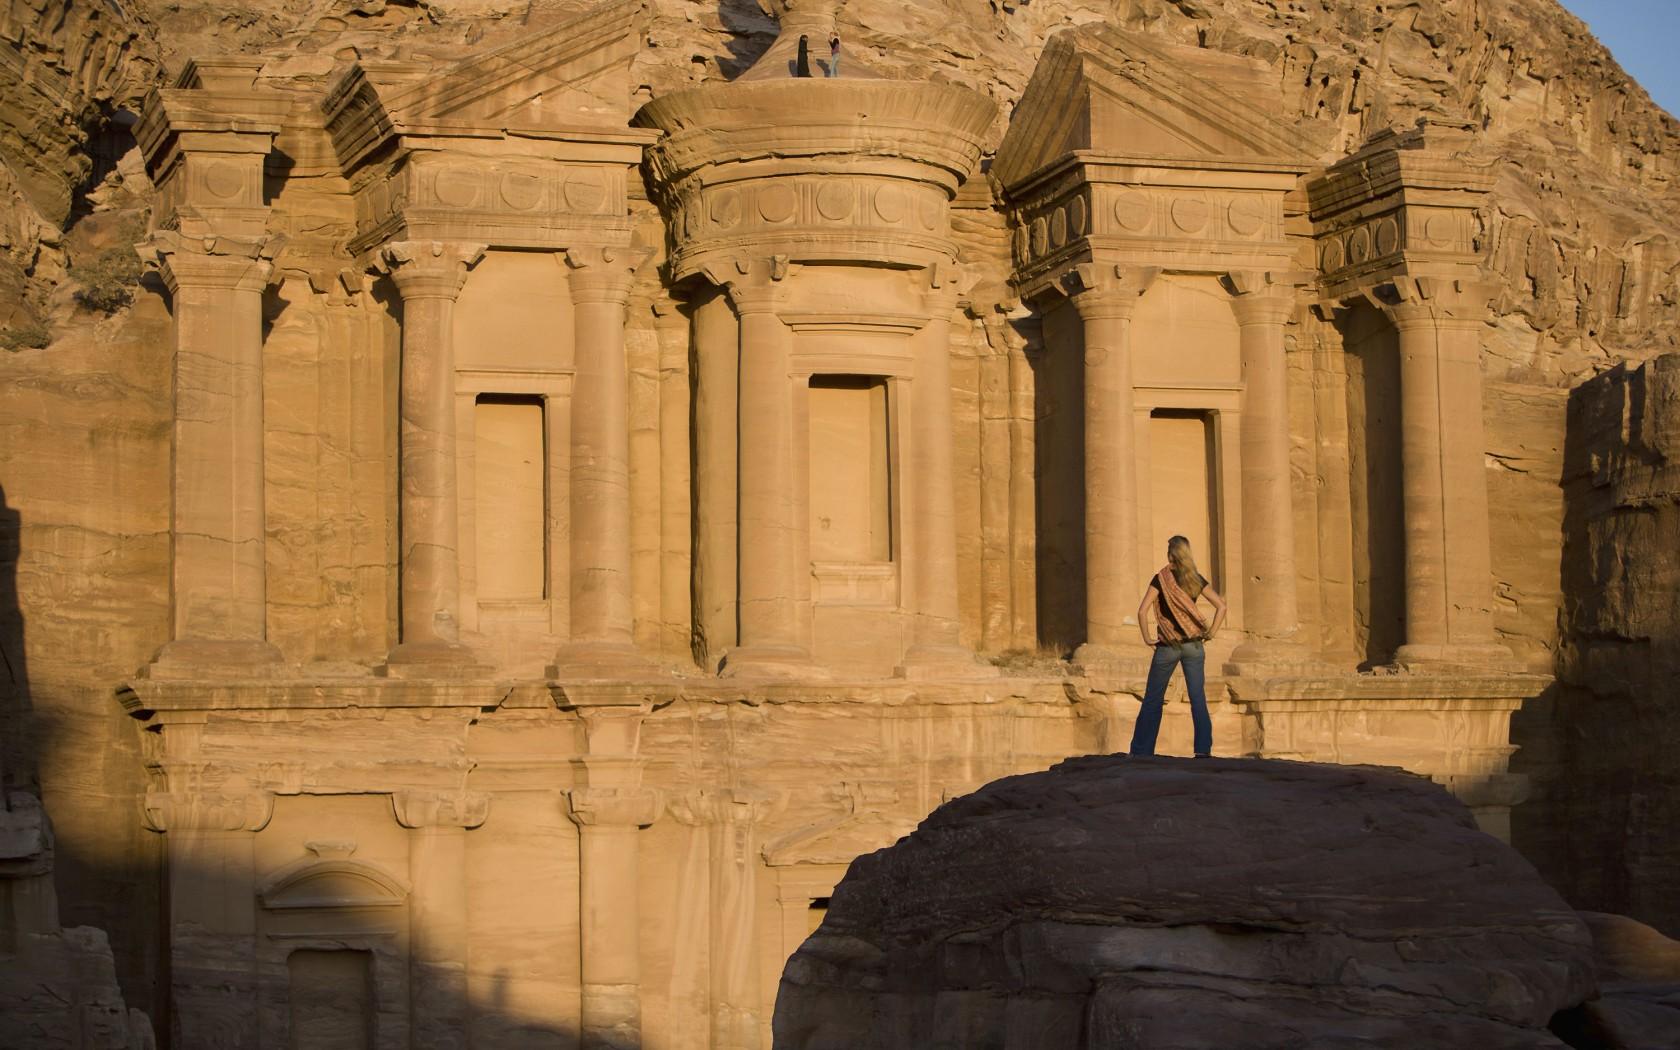 18Overs-Petra-Jordan-rexfeatures_3335350a-1680x1050